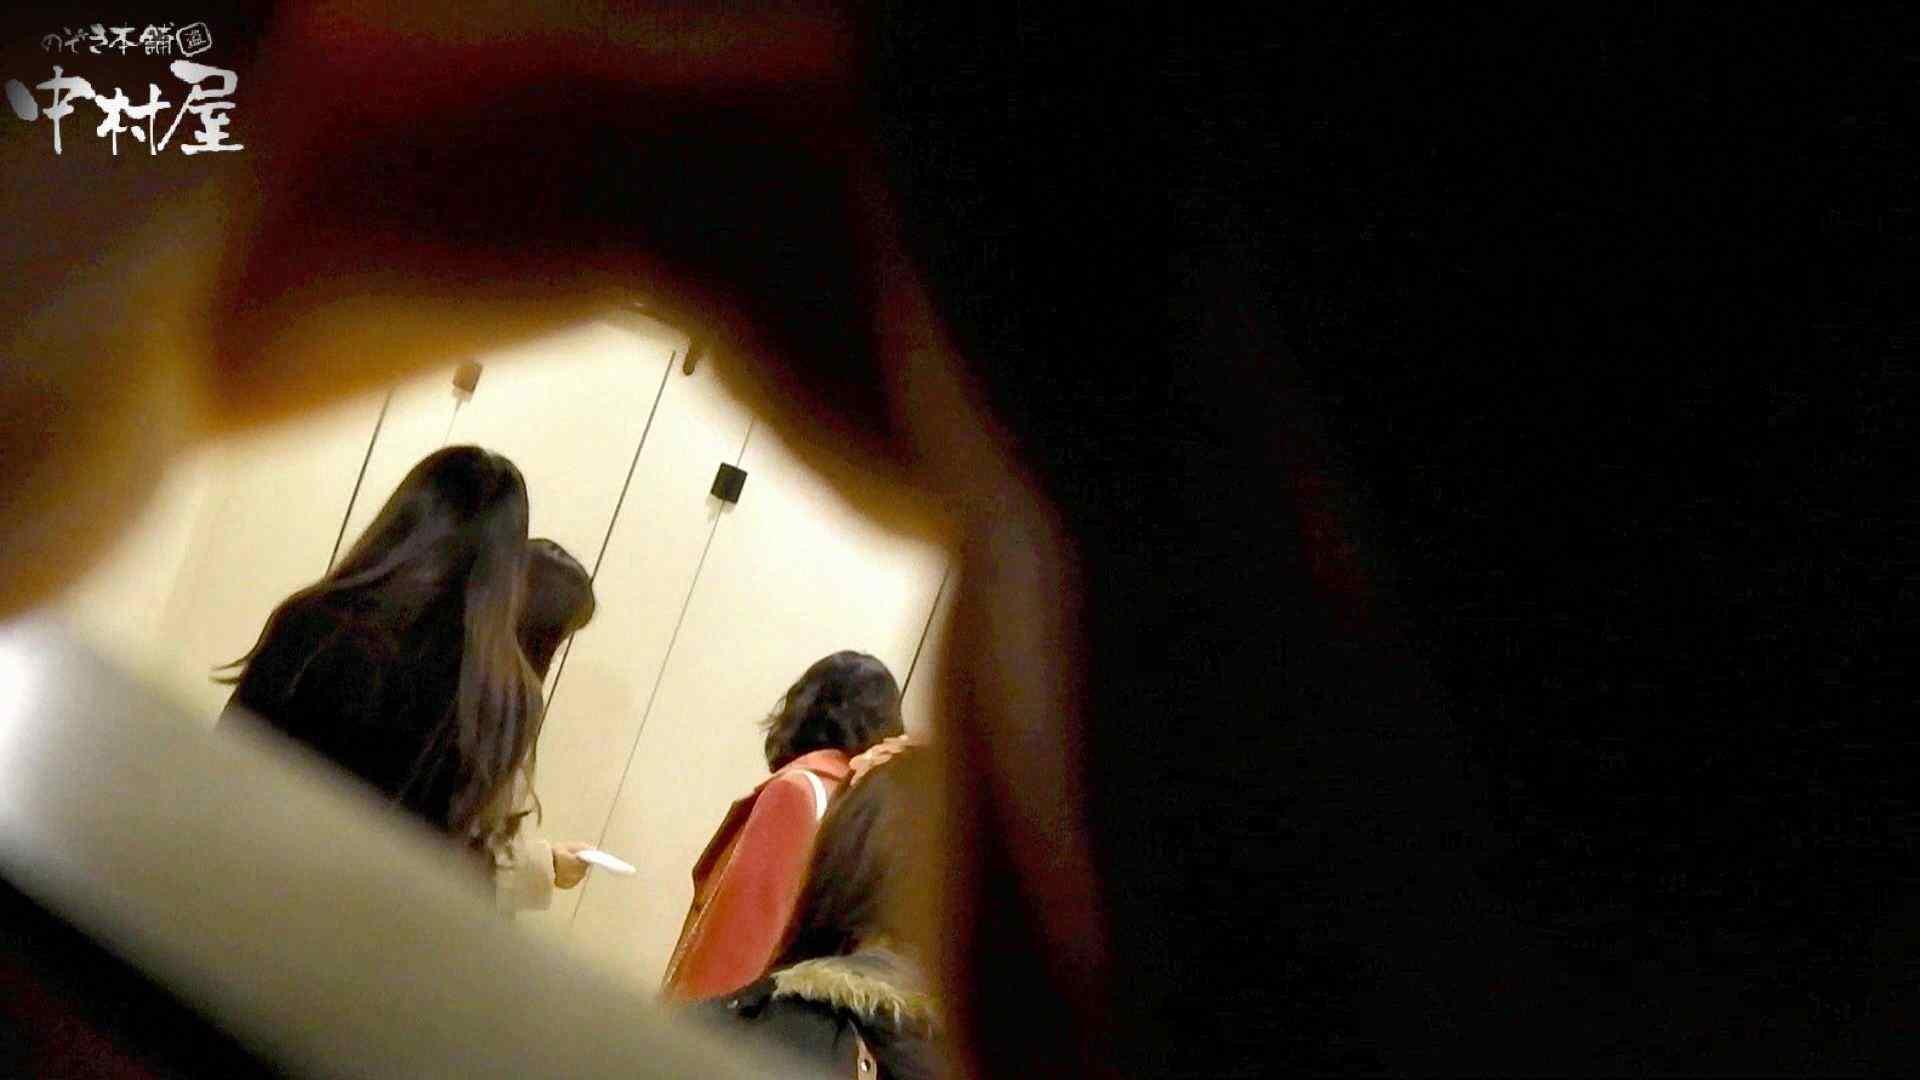 新世界の射窓 No71 久しぶり、可愛い三人組全部晒しちゃいます。 洗面所編 | 0  91PIX 75